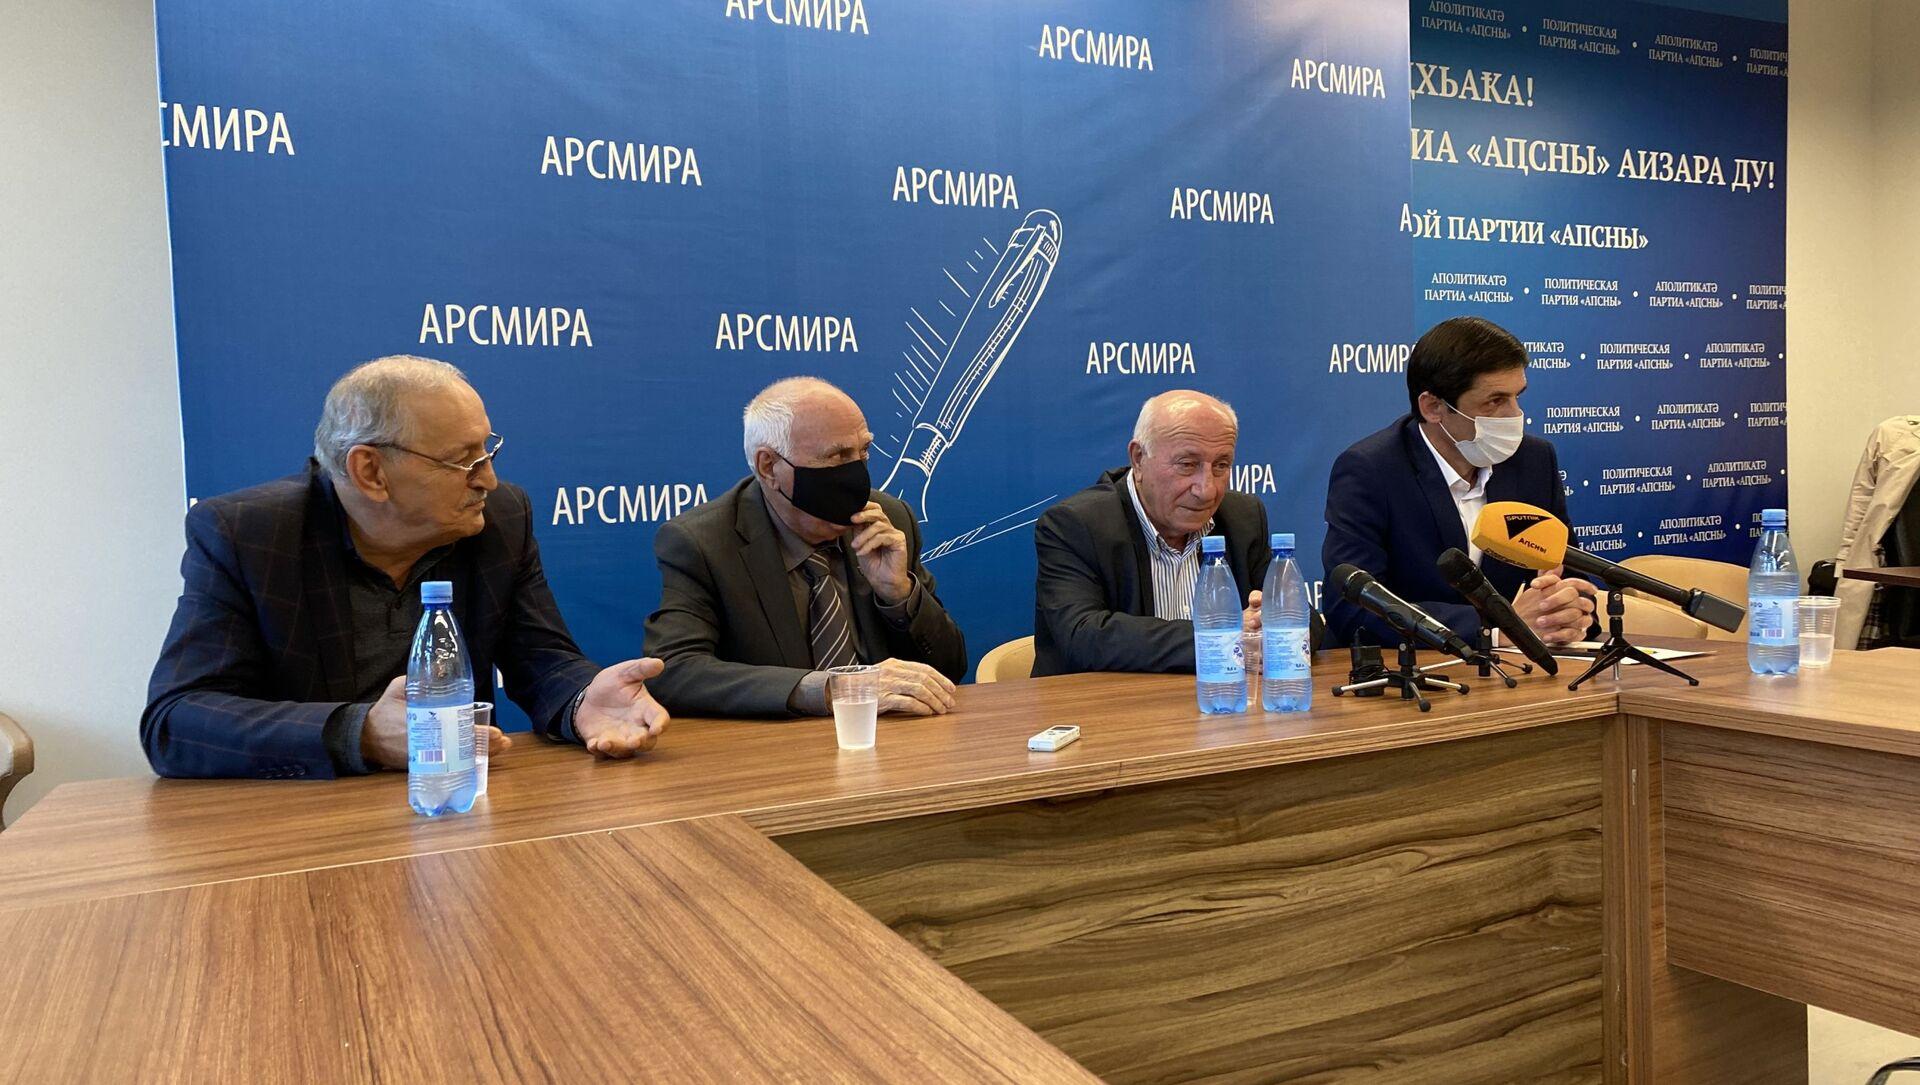 Пресс-конференция ветеранов ОВНА в связи с инцидентом 30 сентября 2021 года - Sputnik Аҧсны, 1920, 03.10.2021